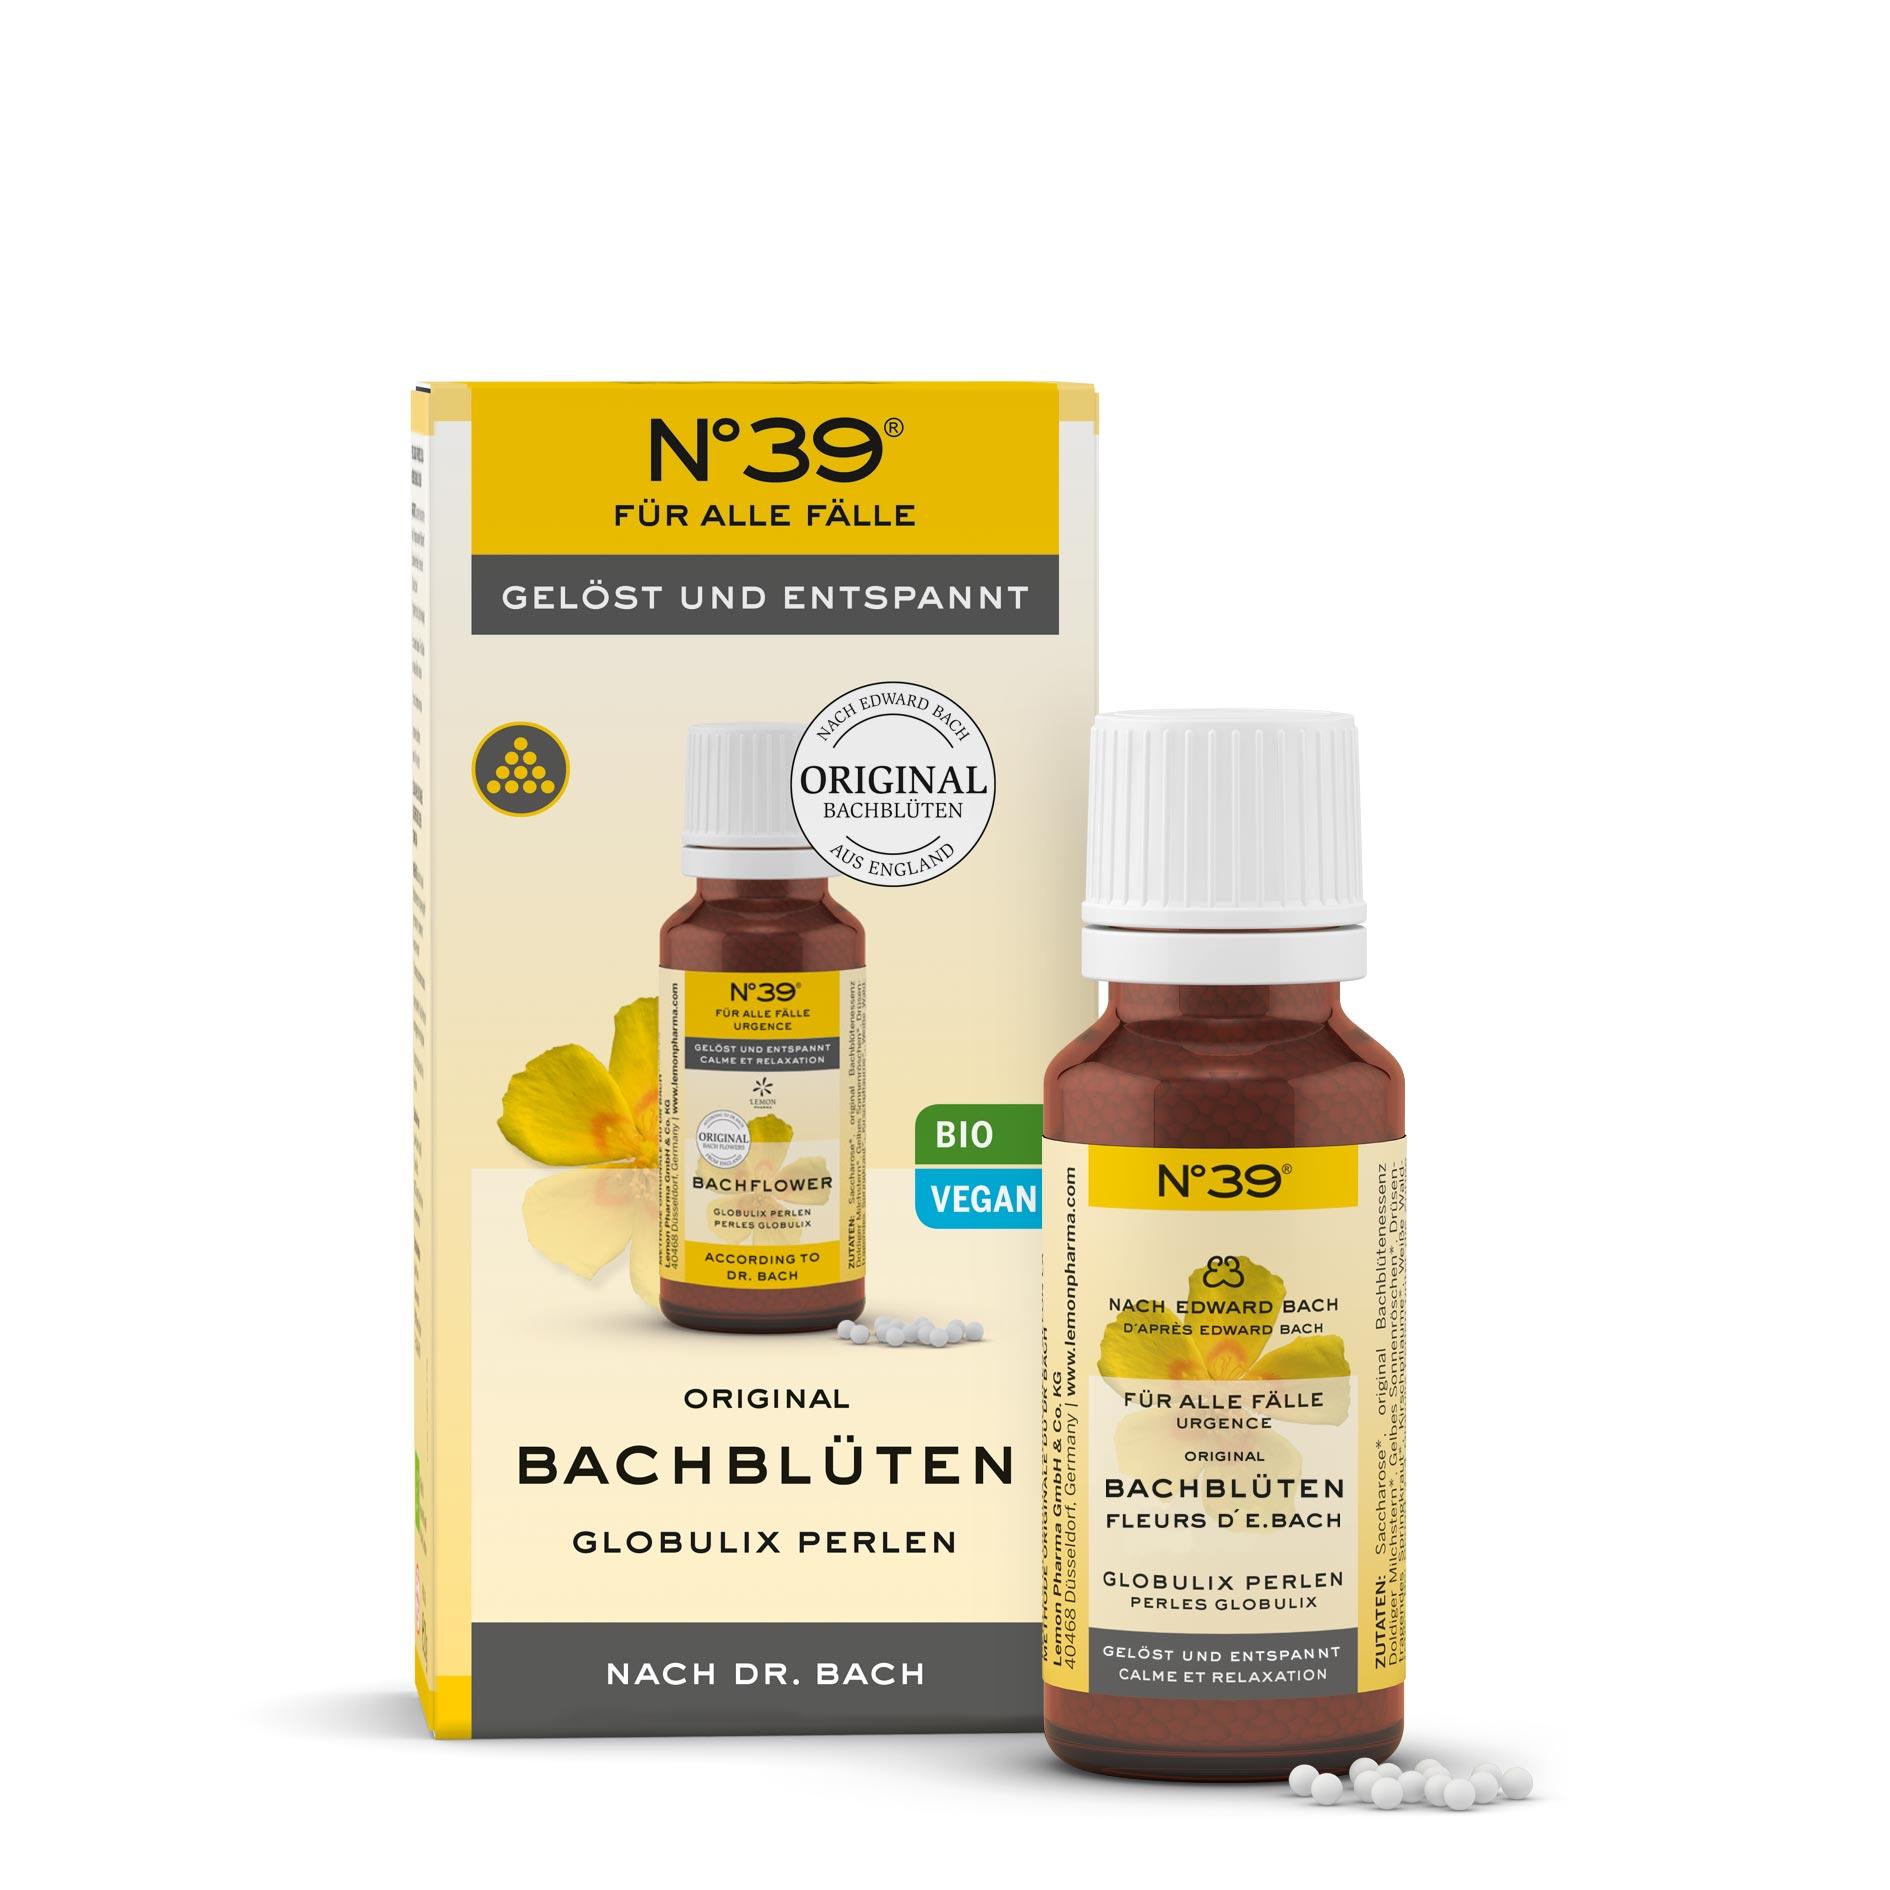 Globulix Perlen 39 Für alle Fälle Lemon Pharma Original Bachblüten gelöst und entspannt bio